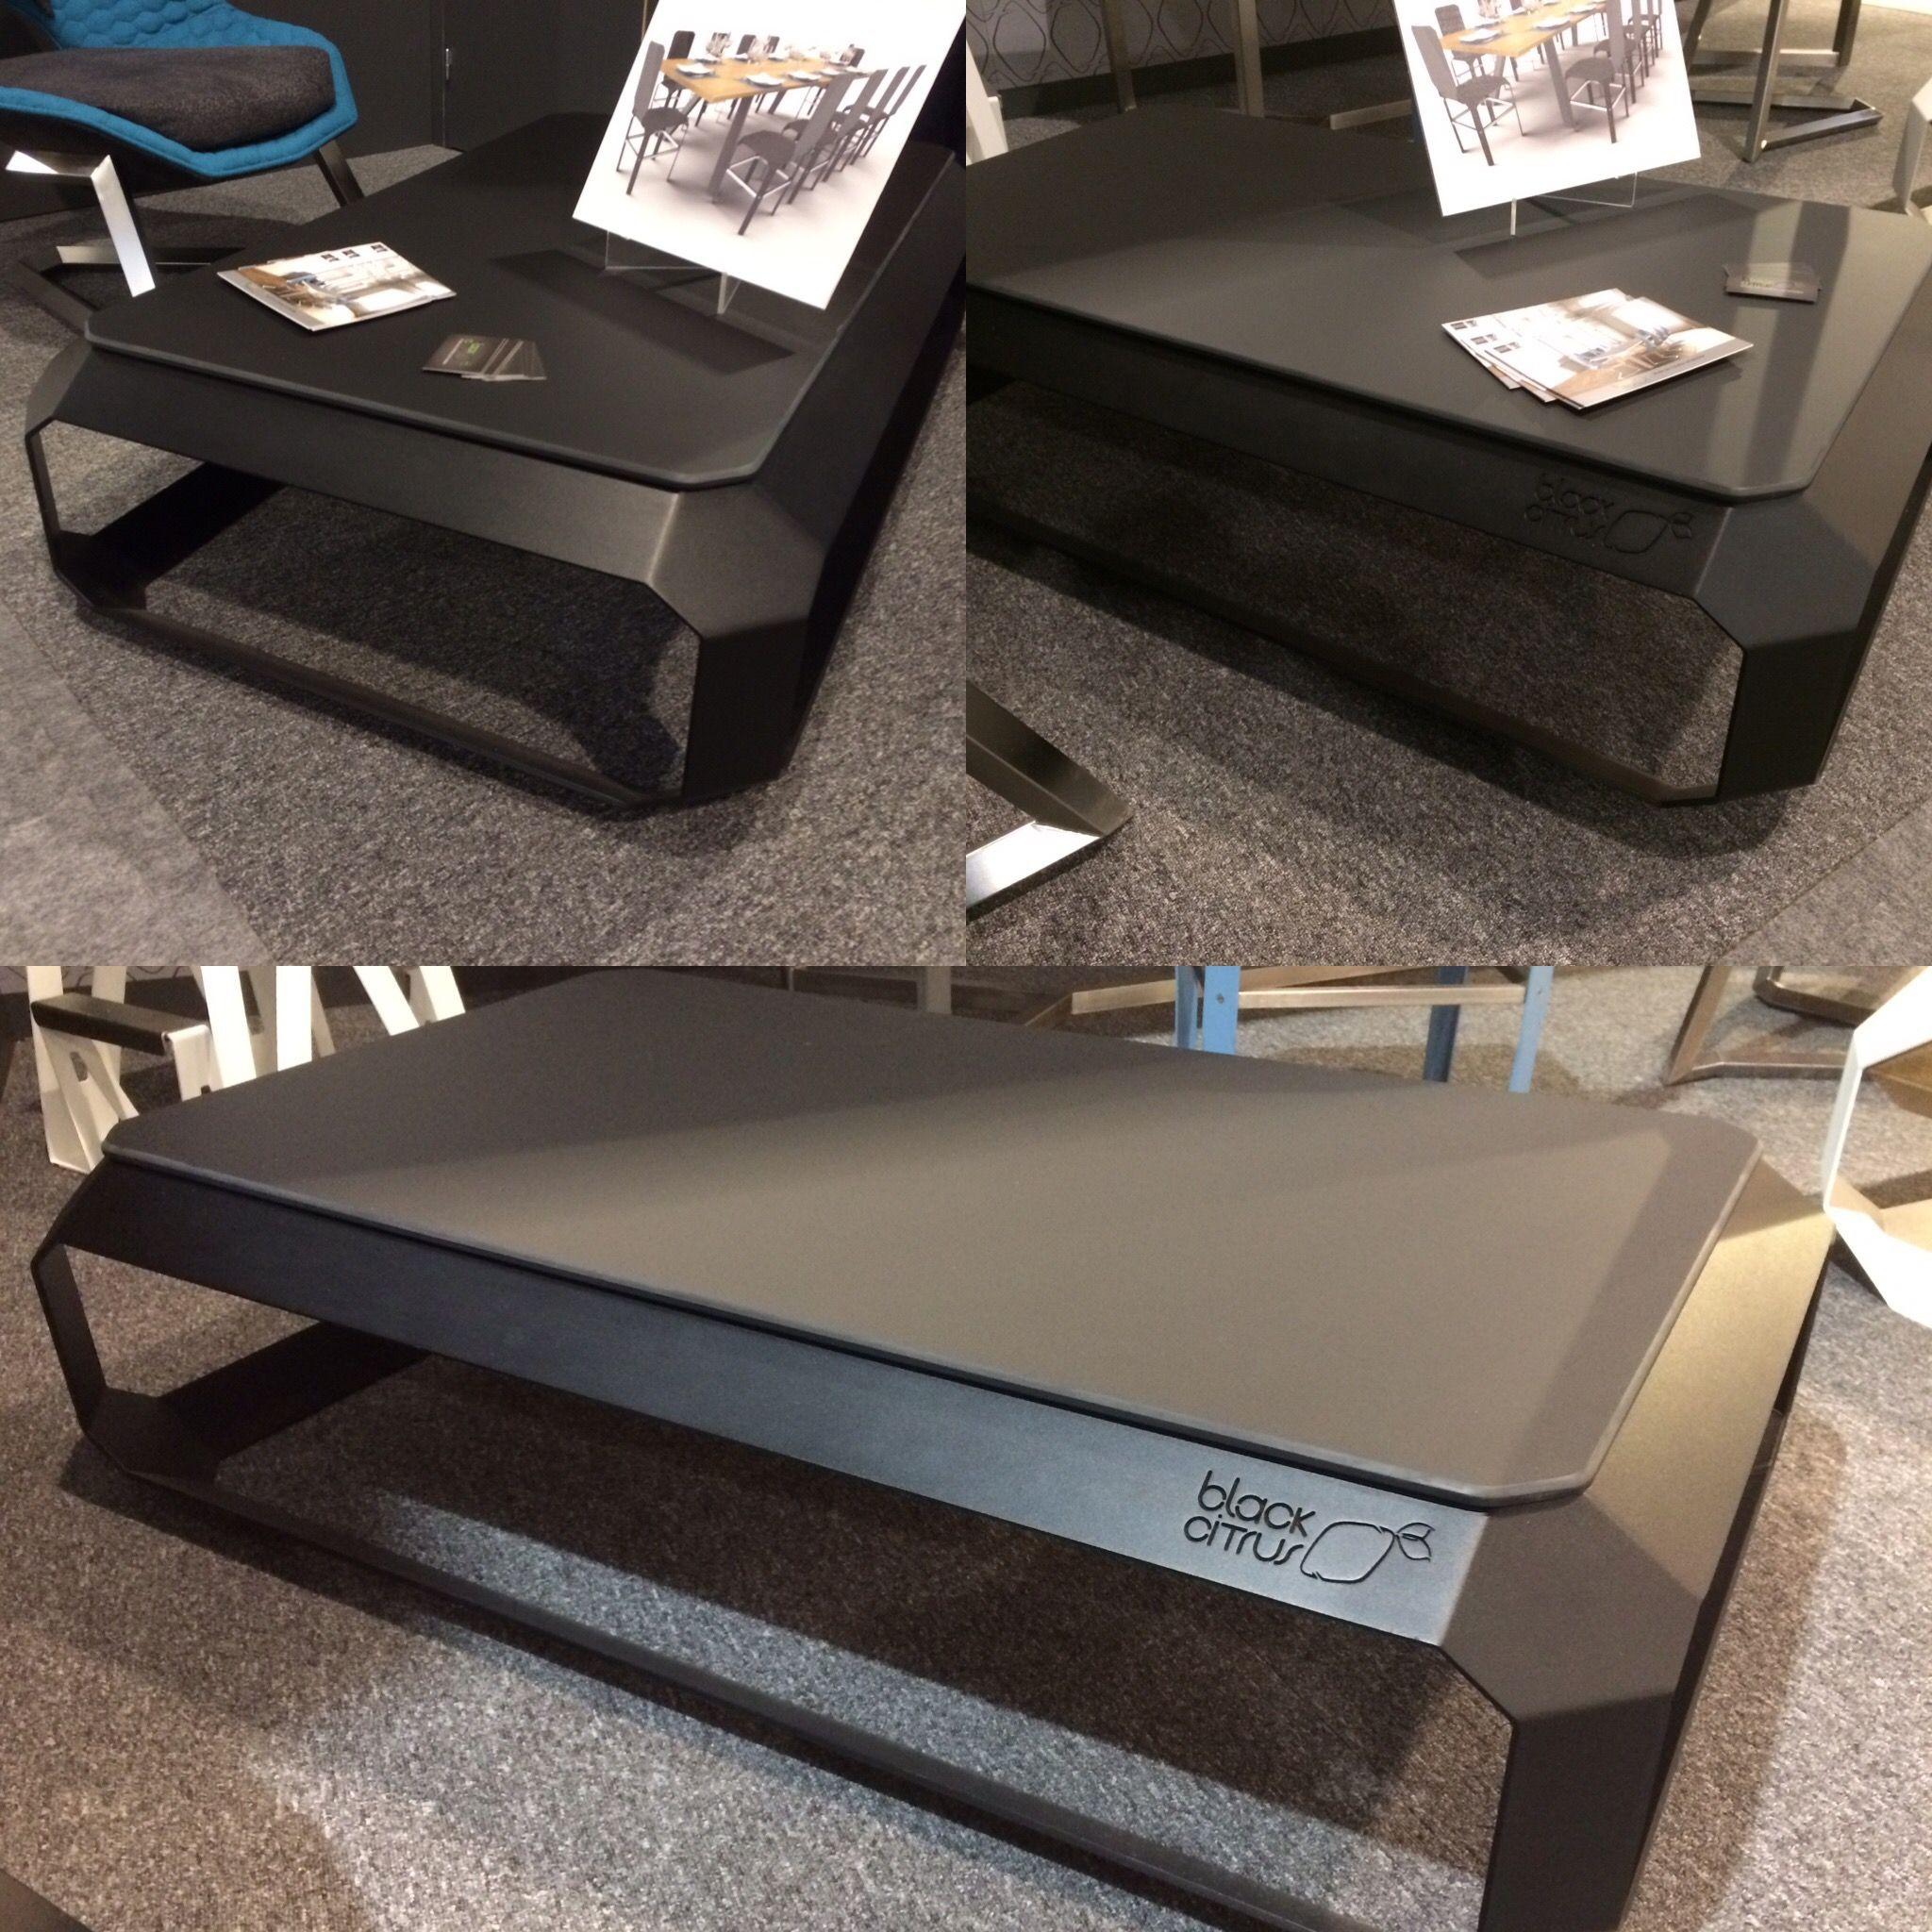 Table Basse Ultra Contemporaine En Acier Thermo Laque Noir Texture Et Plateau En Fenix Noir Mat De 10mm Design M With Images Board Design Industrial Design Table Design